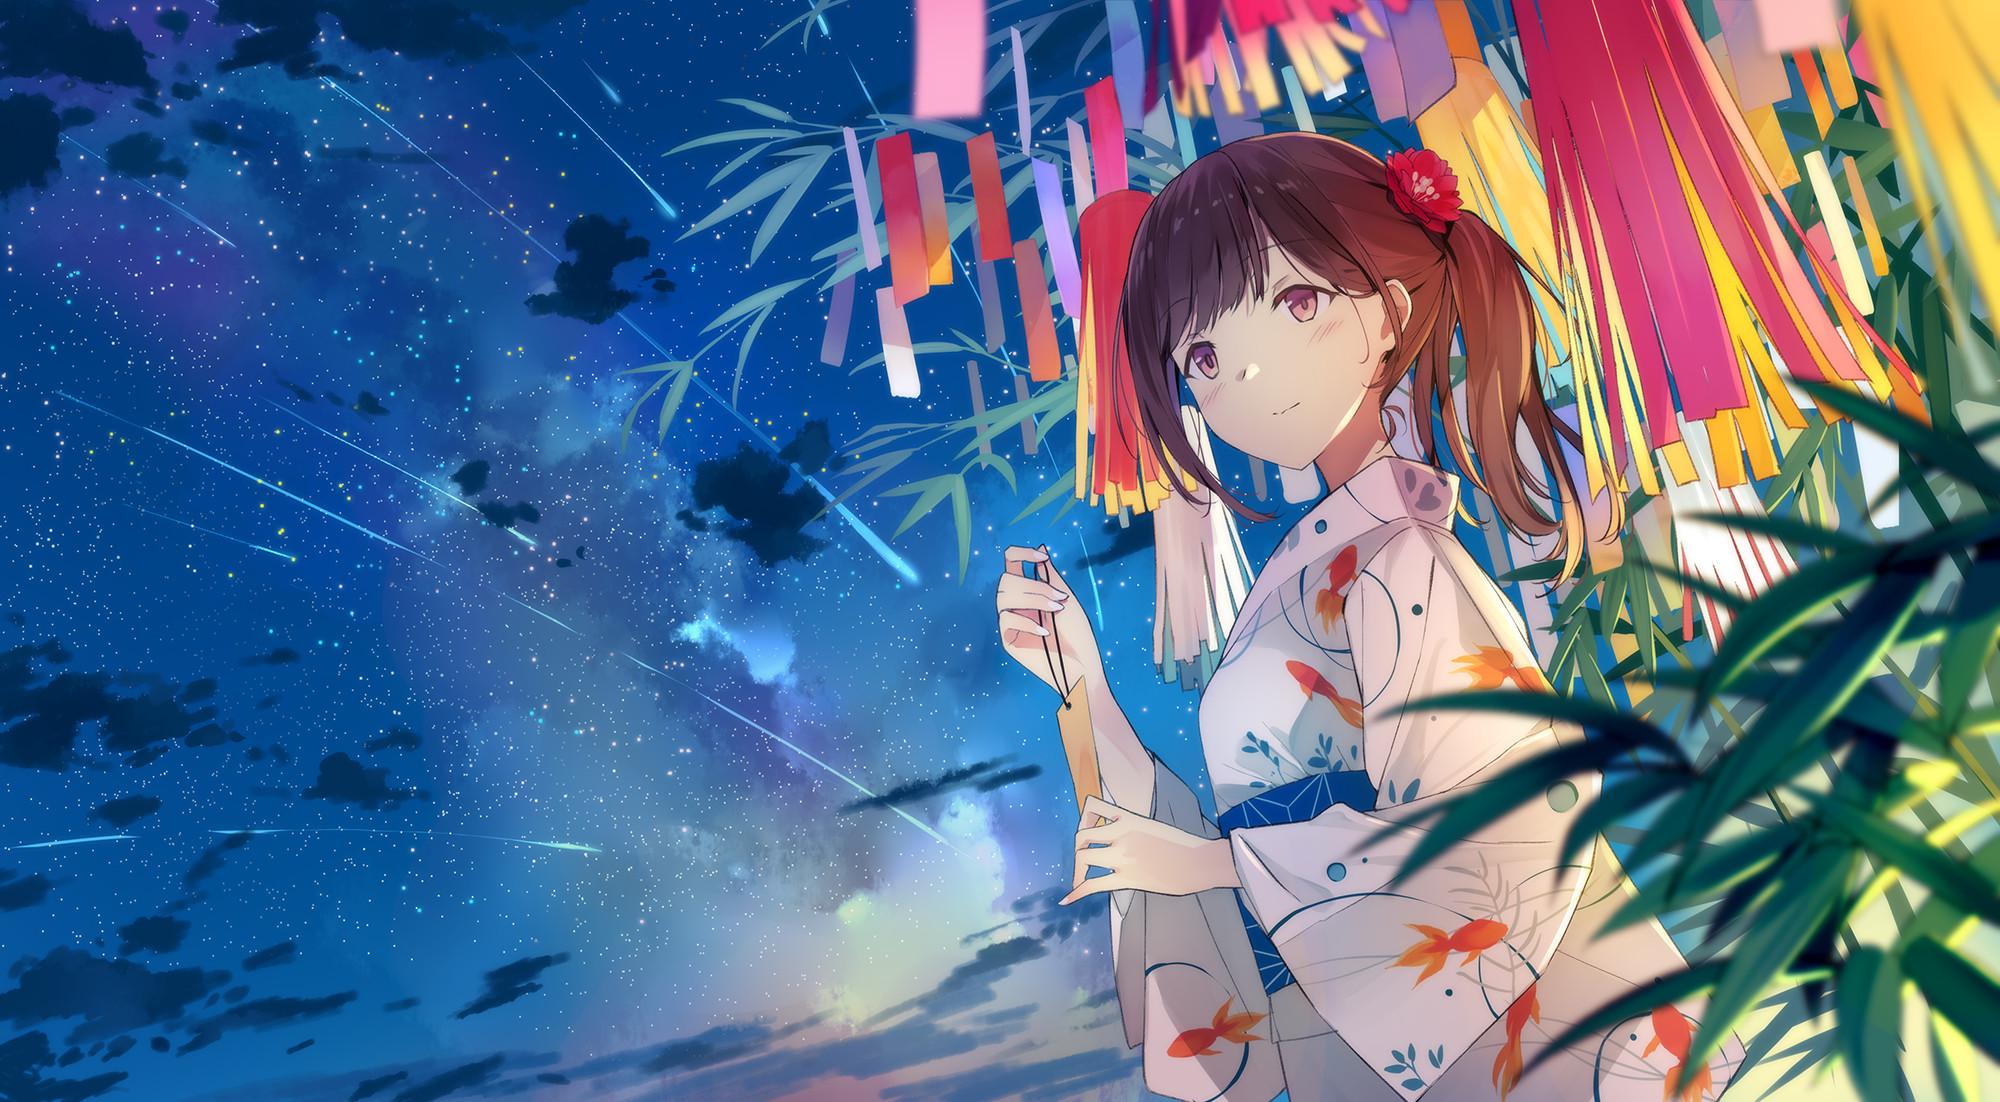 七日の流星 - アシマ / Ashima